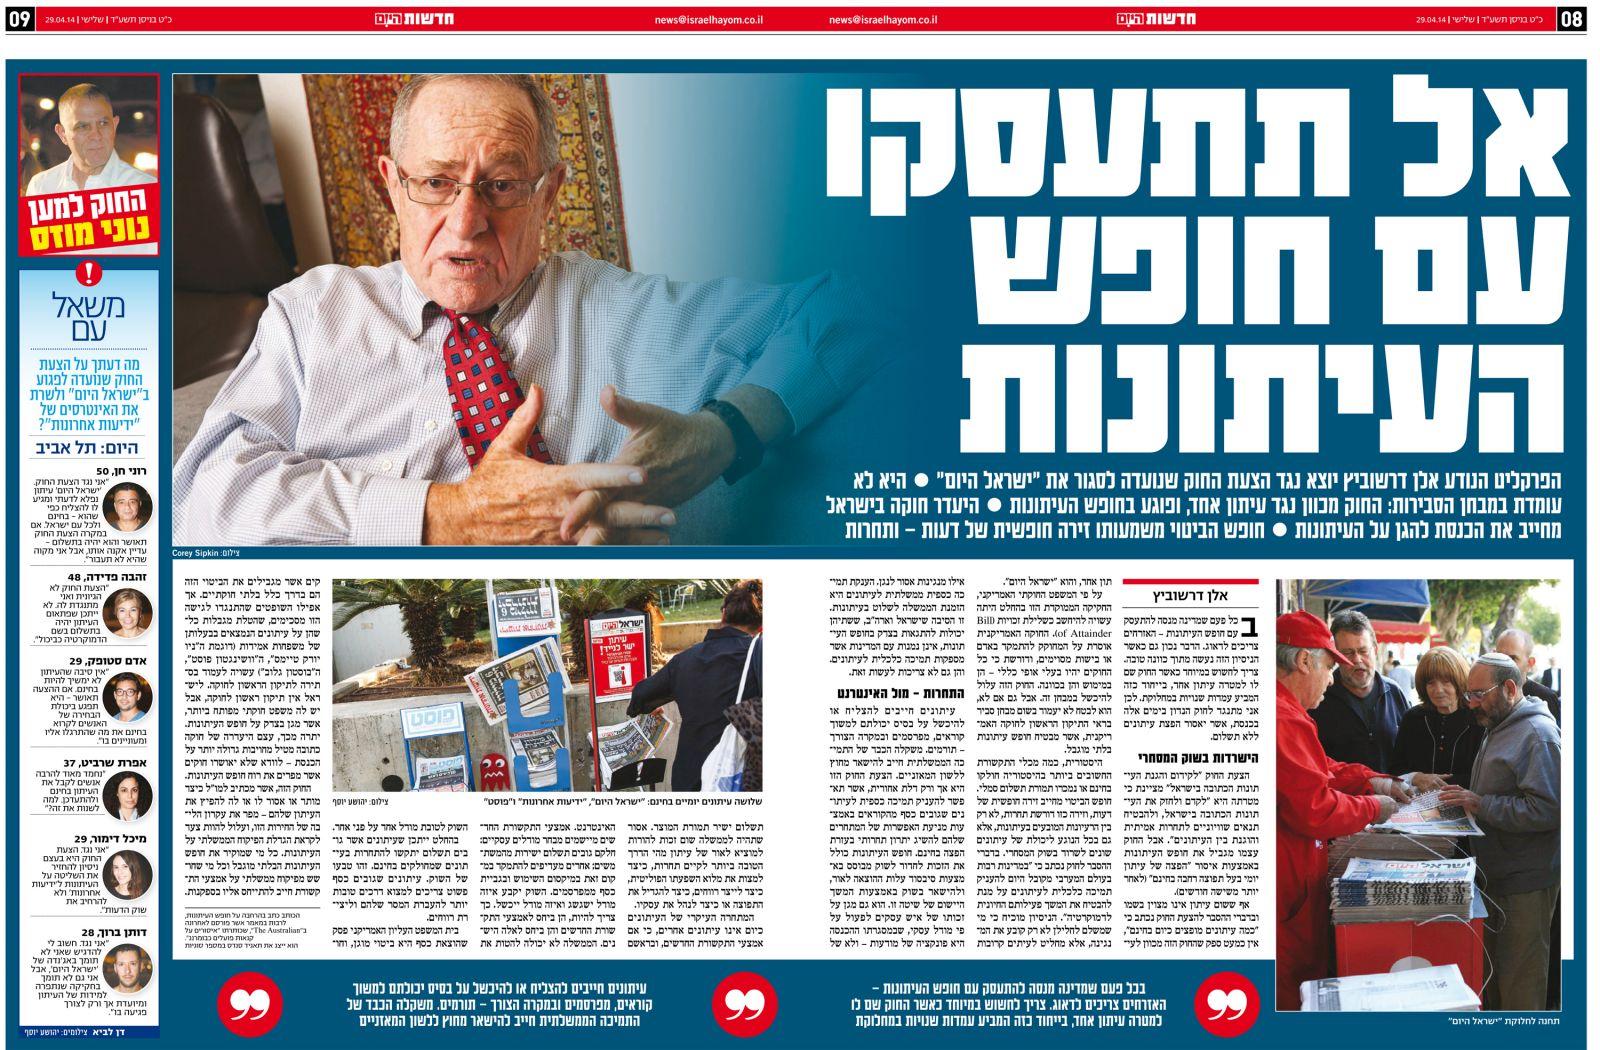 """מאמרו של דרשוביץ ב""""ישראל היום"""", 29.4.14 (לחצו להגדלה)"""